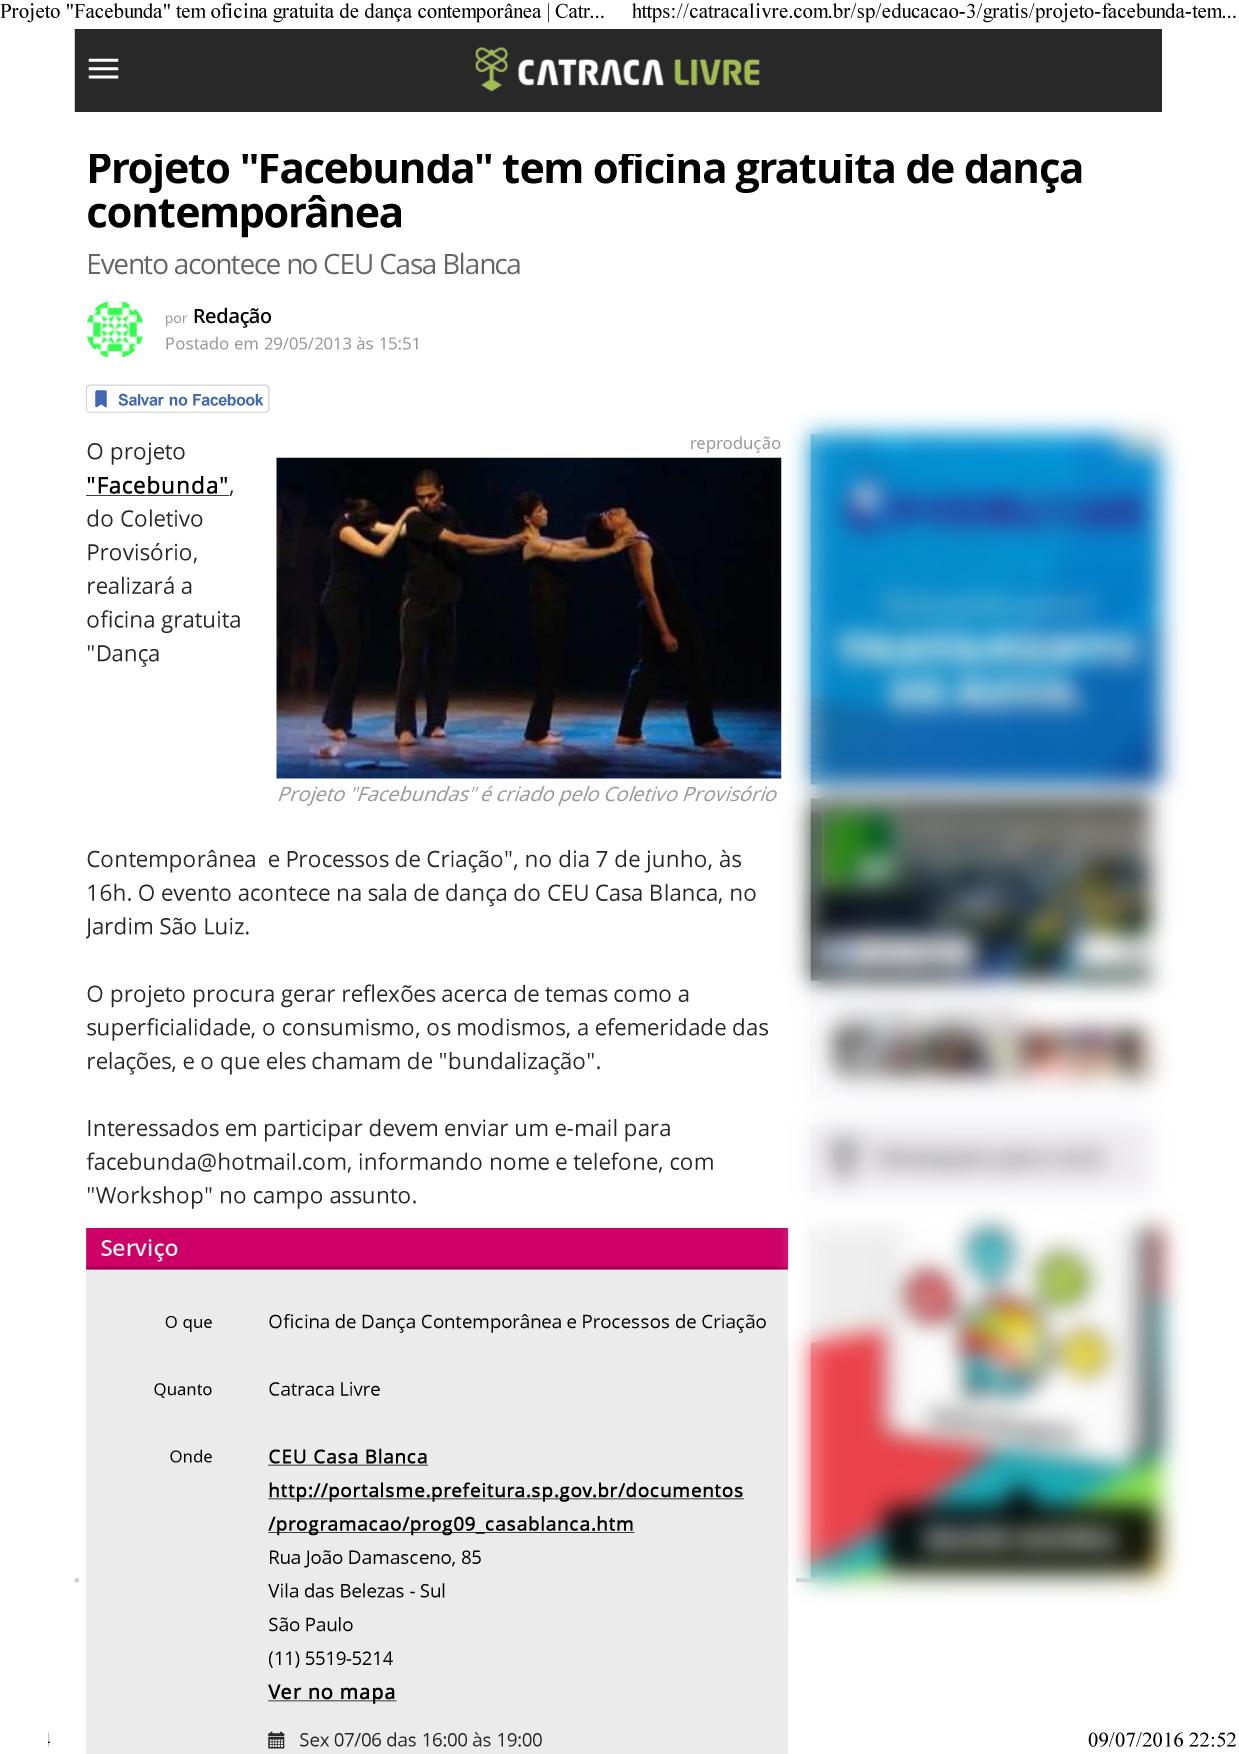 2013-06-07_Facebunda_Workshop_Processo_criativo_em_Dança_Contemporânea_-_Site_Catraca_Livre-2